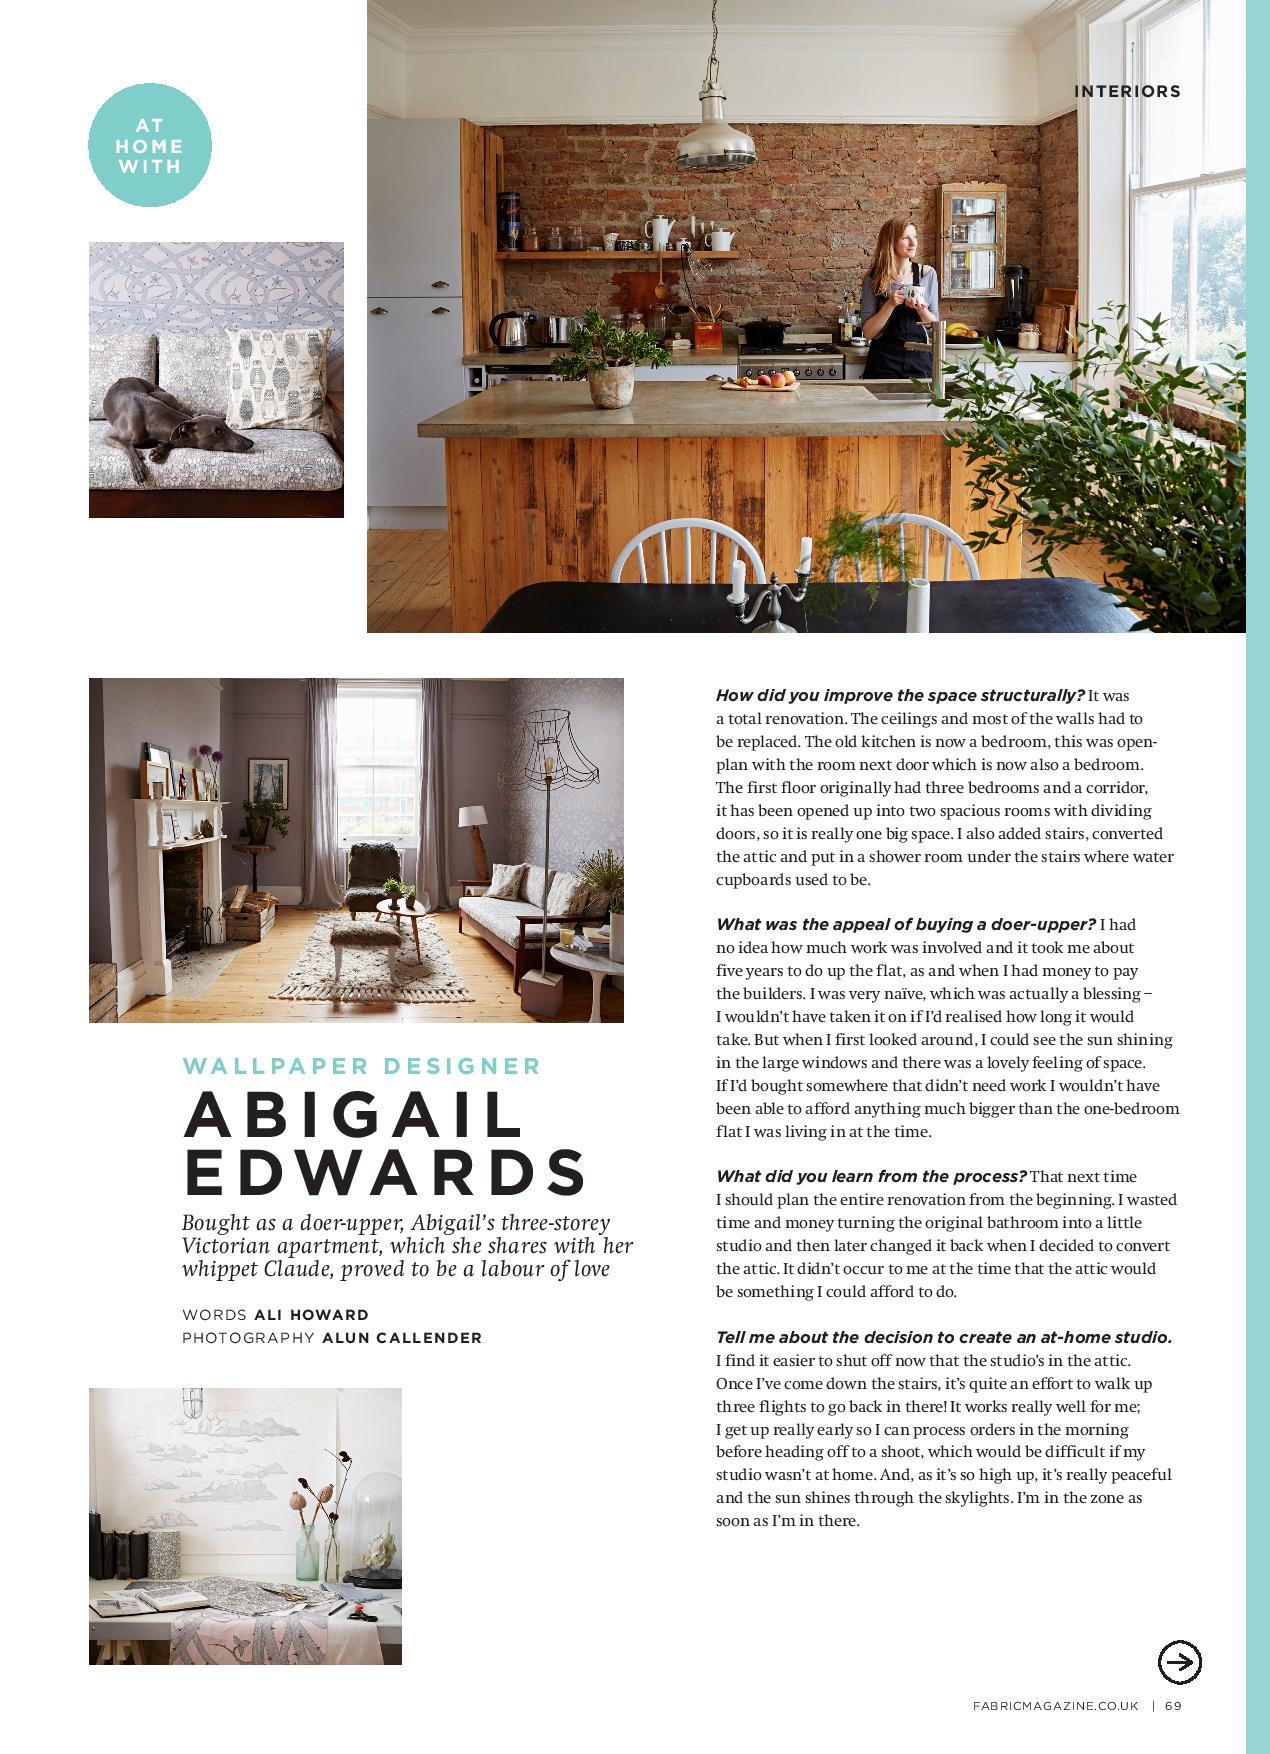 Fabric Magazine Sept issue Abigail Edwards (1).jpg